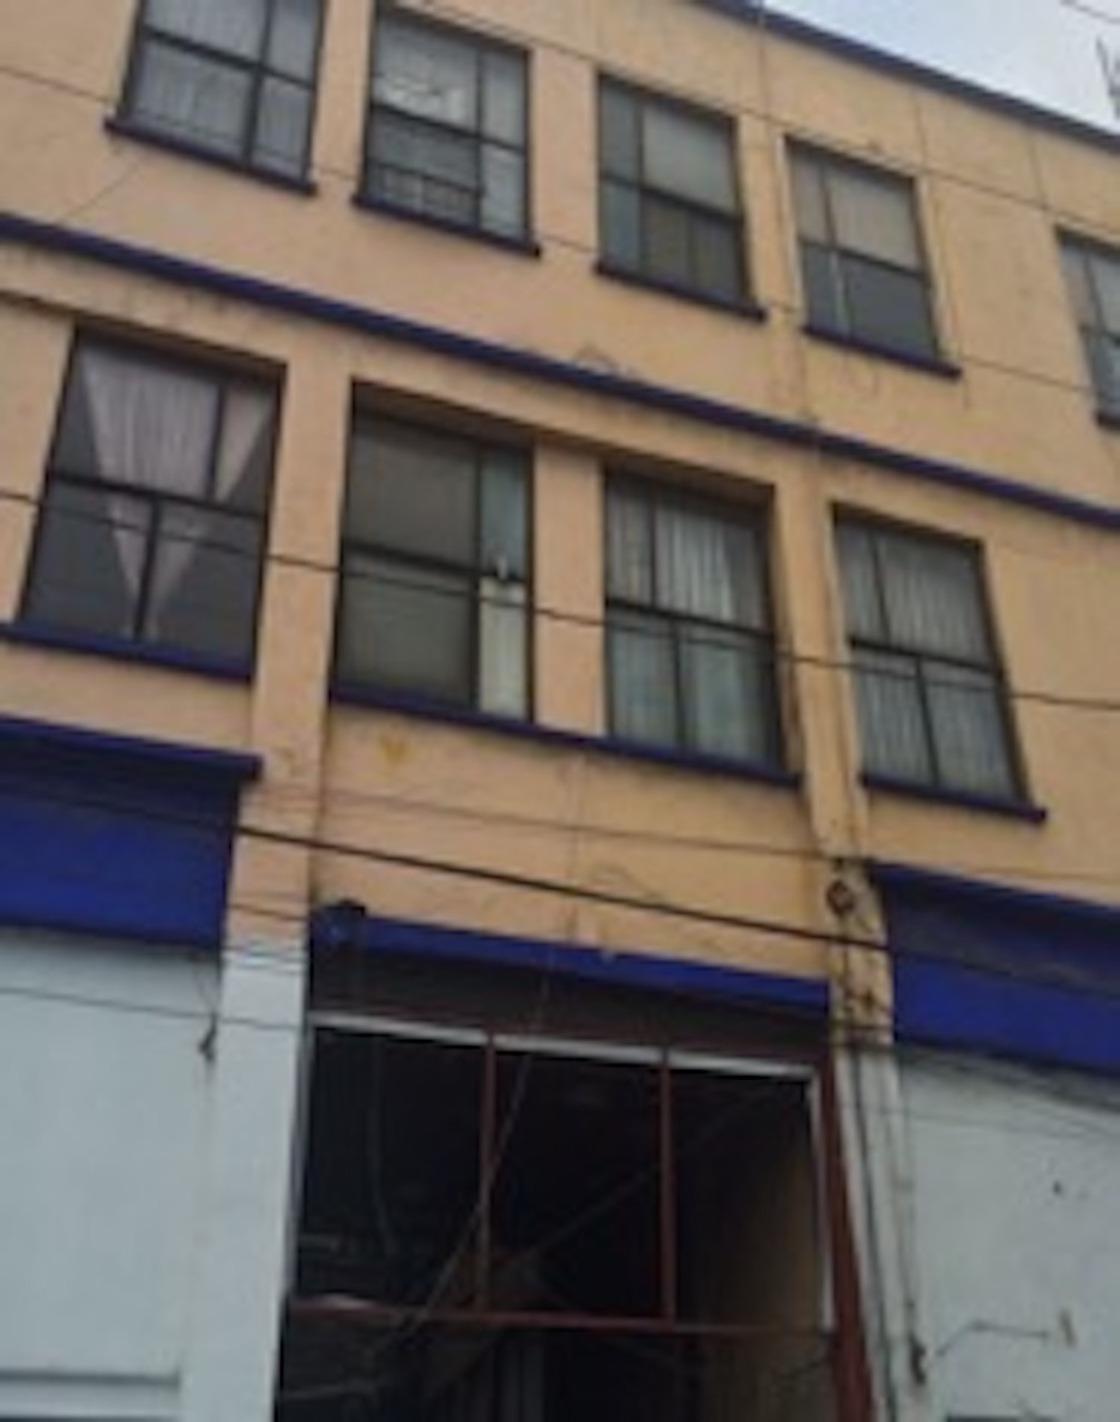 san-antonio-abad-39-sismo-damnificados-lucha-vivienda-edificio-19S-03